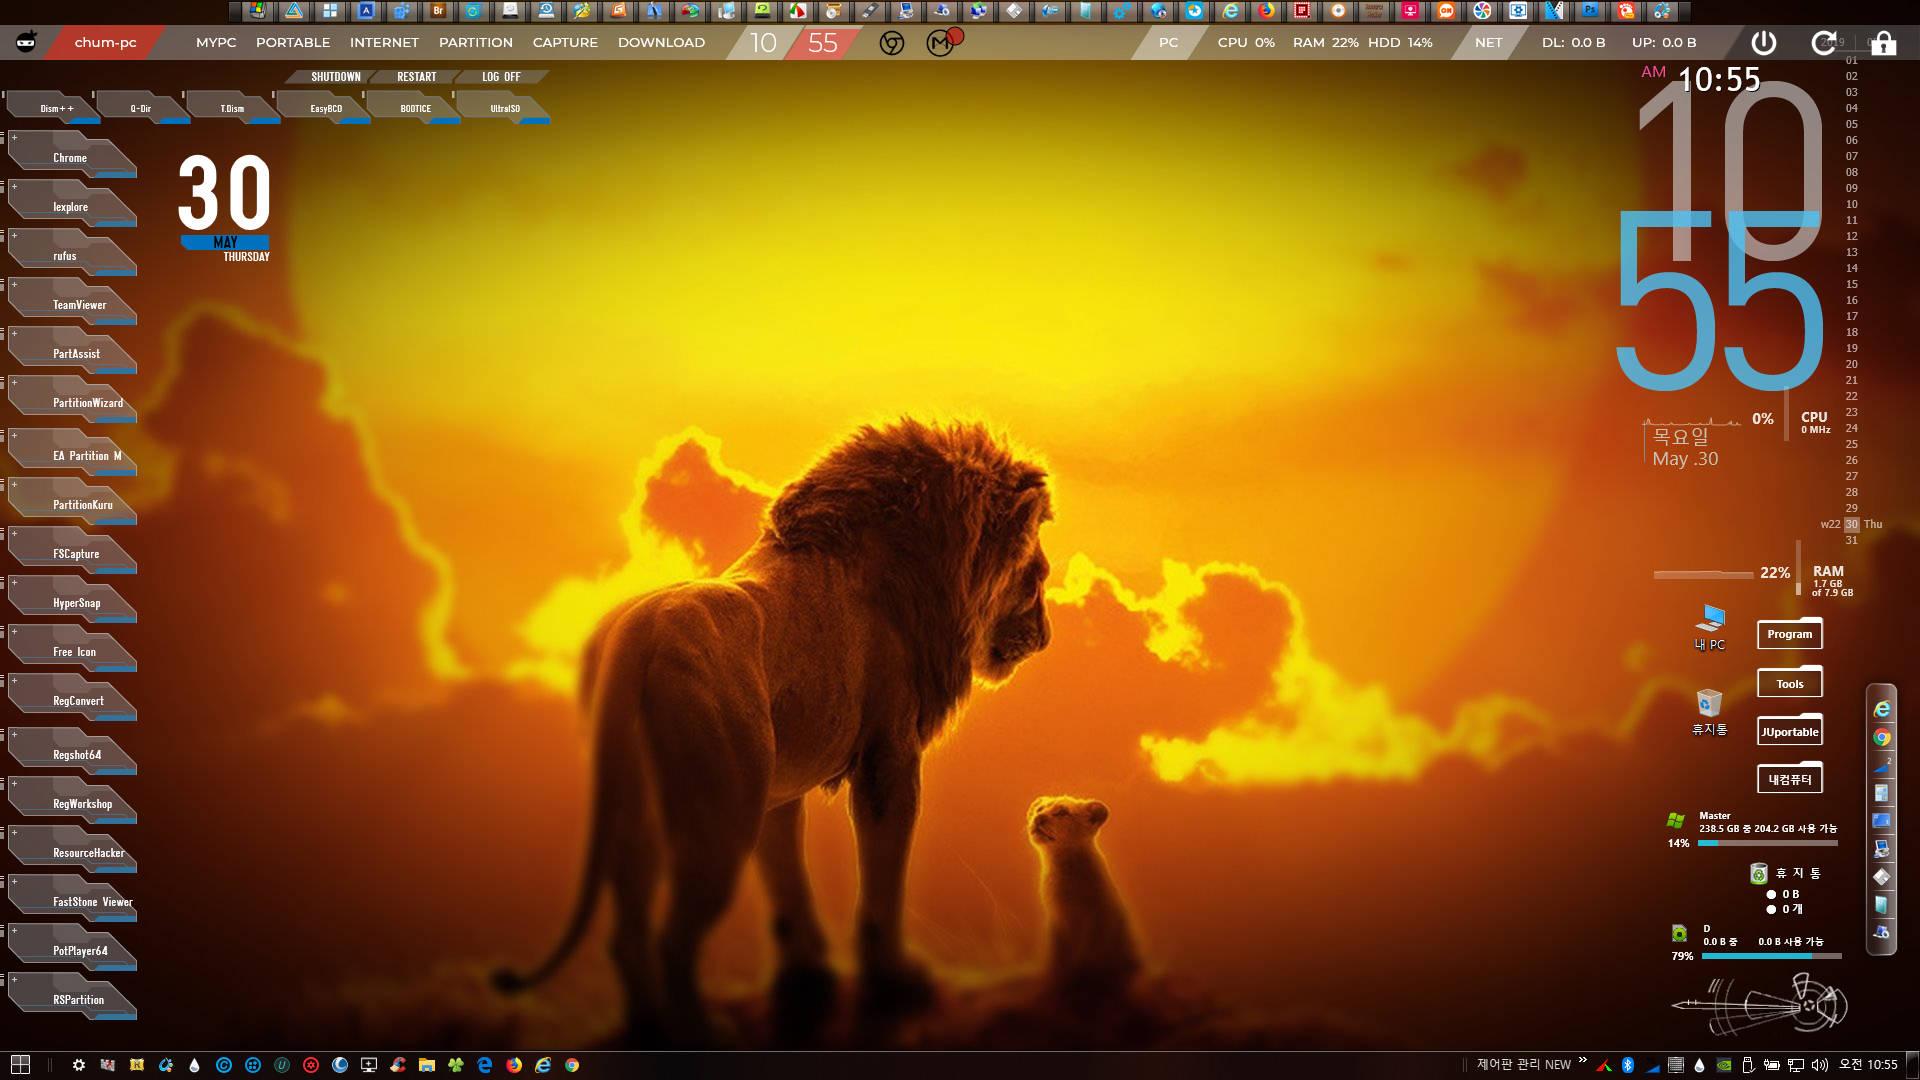 실컴 HDD C드라이브에 설치한 후의 부팅화면01.jpg